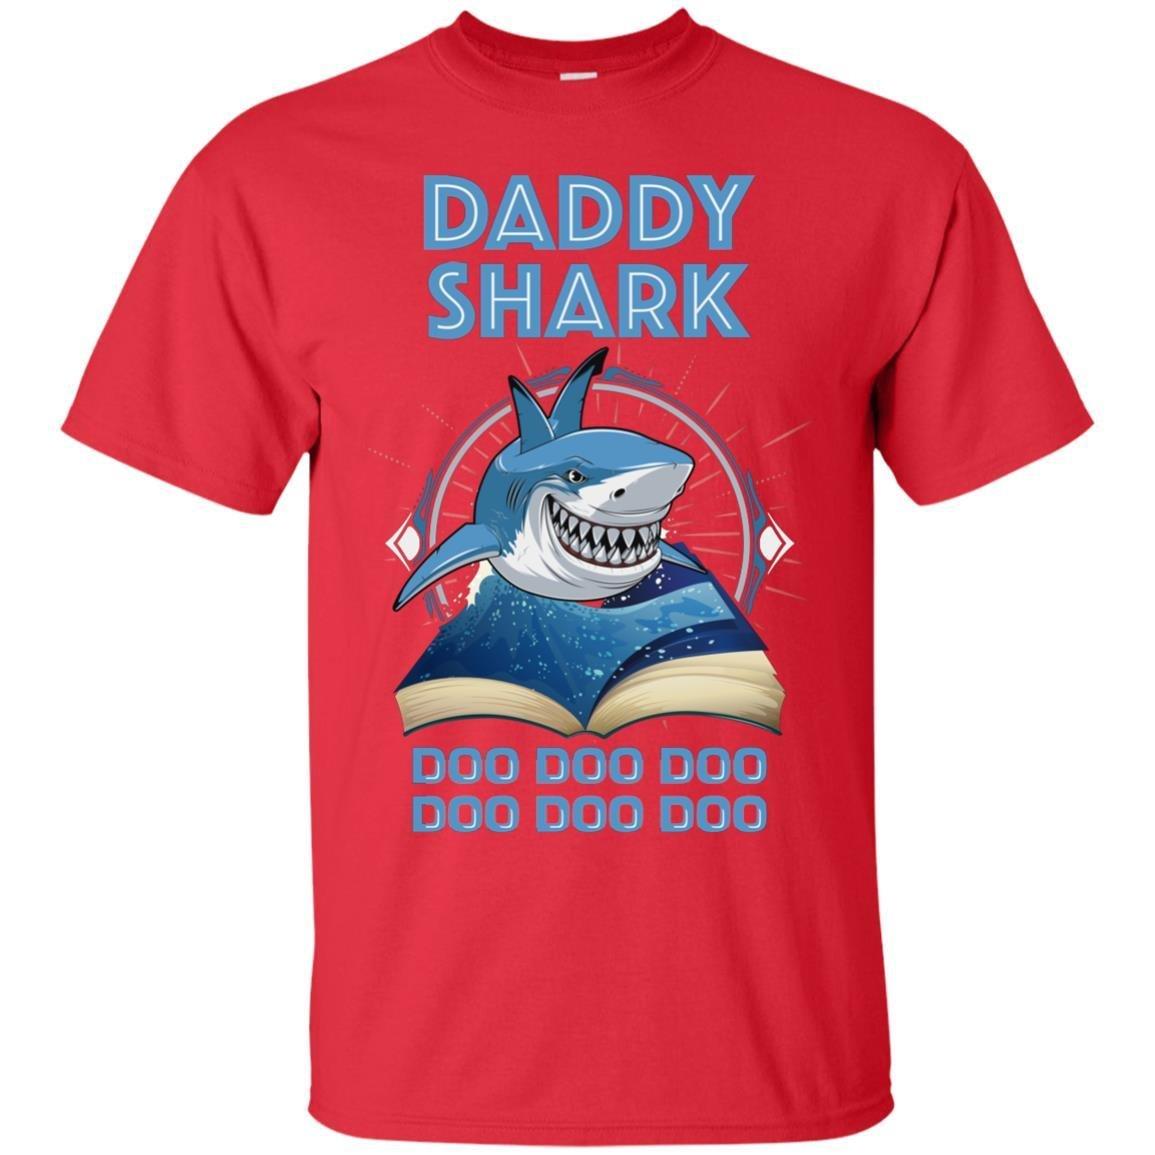 KeyVic Daddy Shark Doo Doo Doo T-Shirt